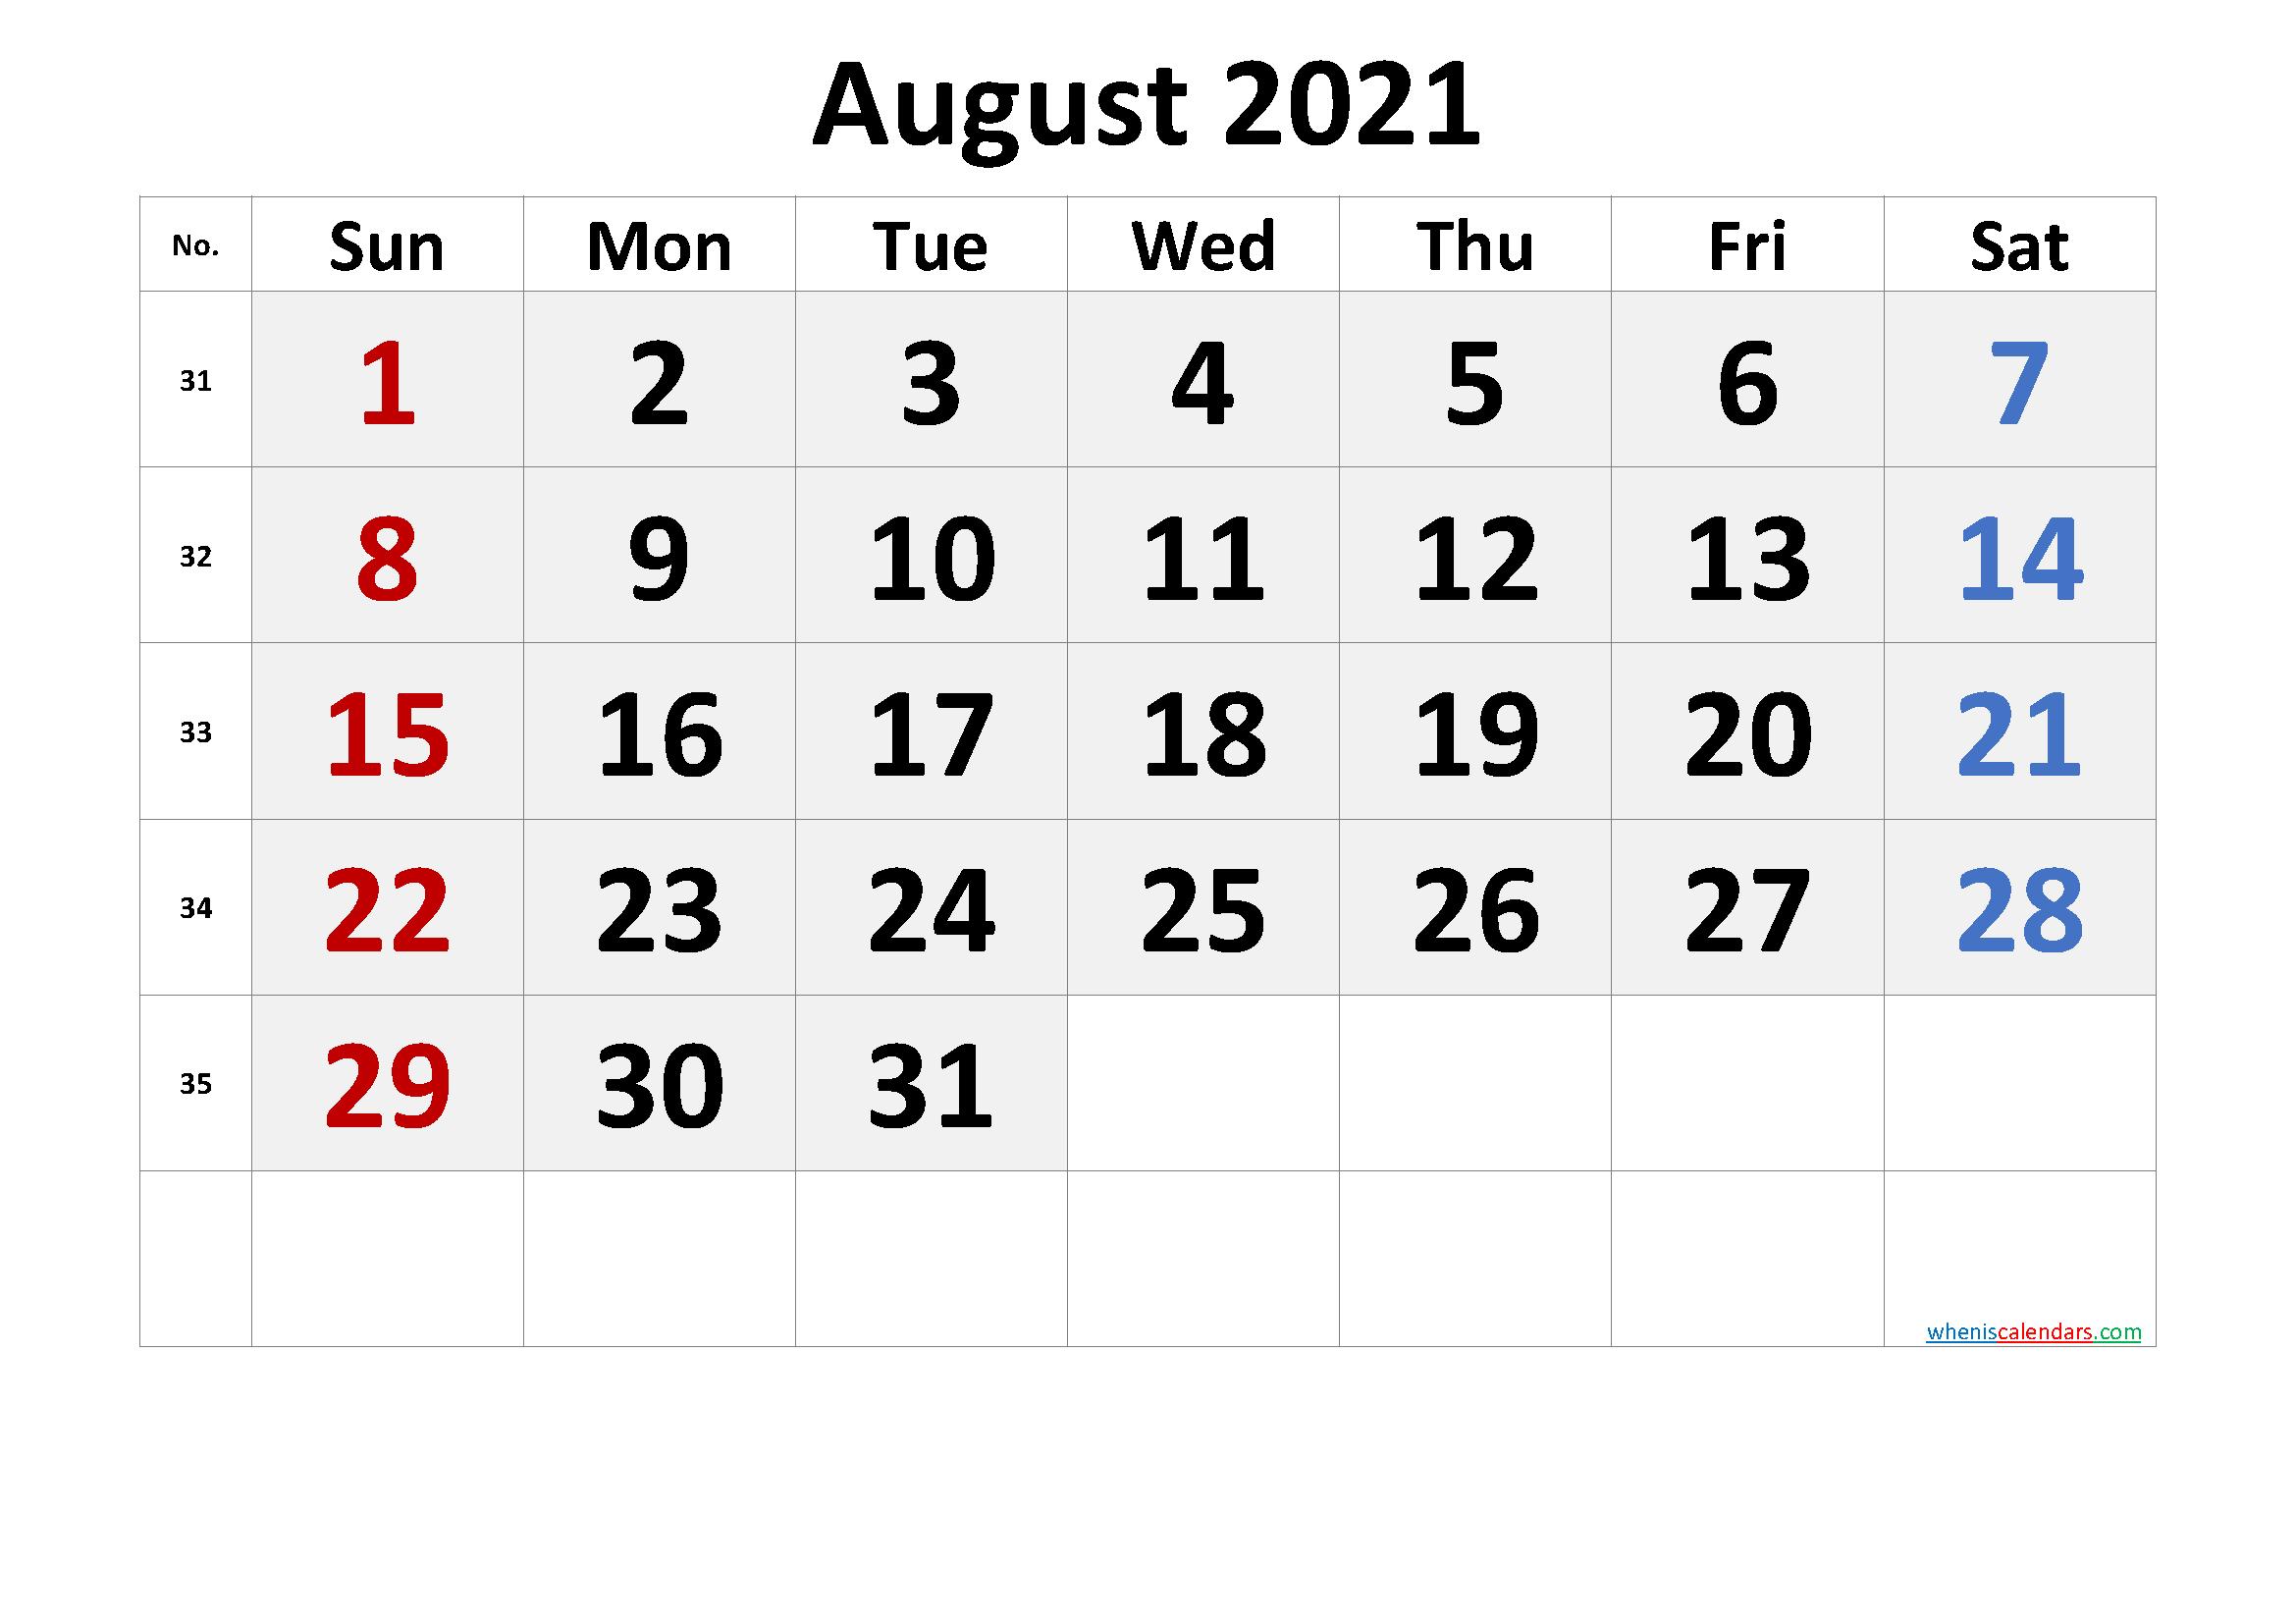 August 2021 Calendar Word Free Printable August 2021 Calendar | Calendar printables, March